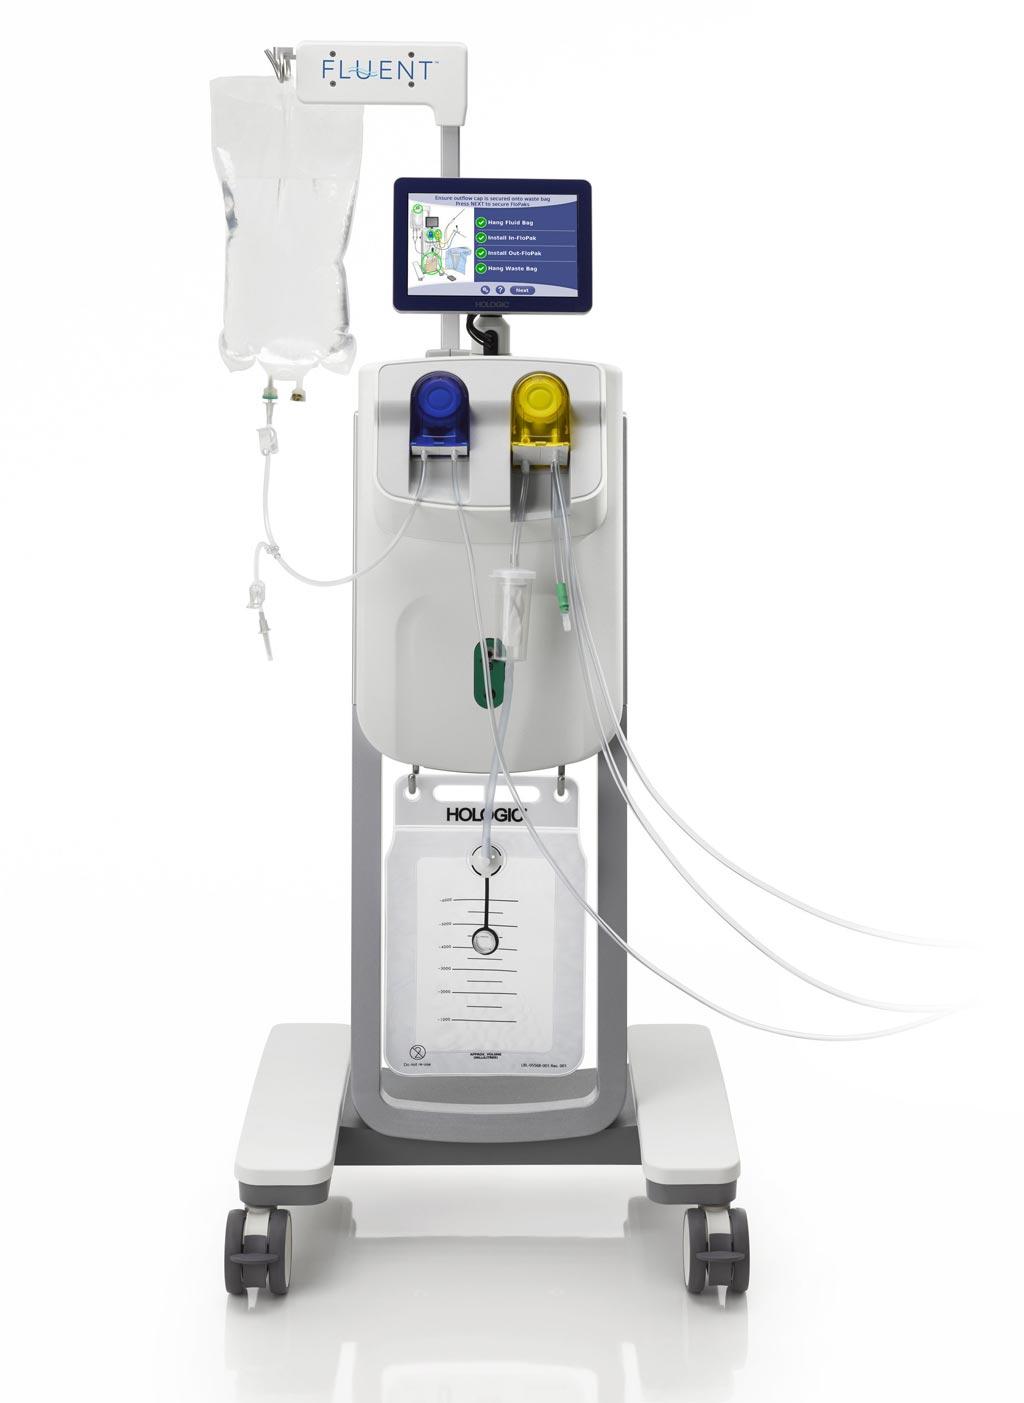 Image: The Fluent fluid management system (Photo courtesy of Hologic).